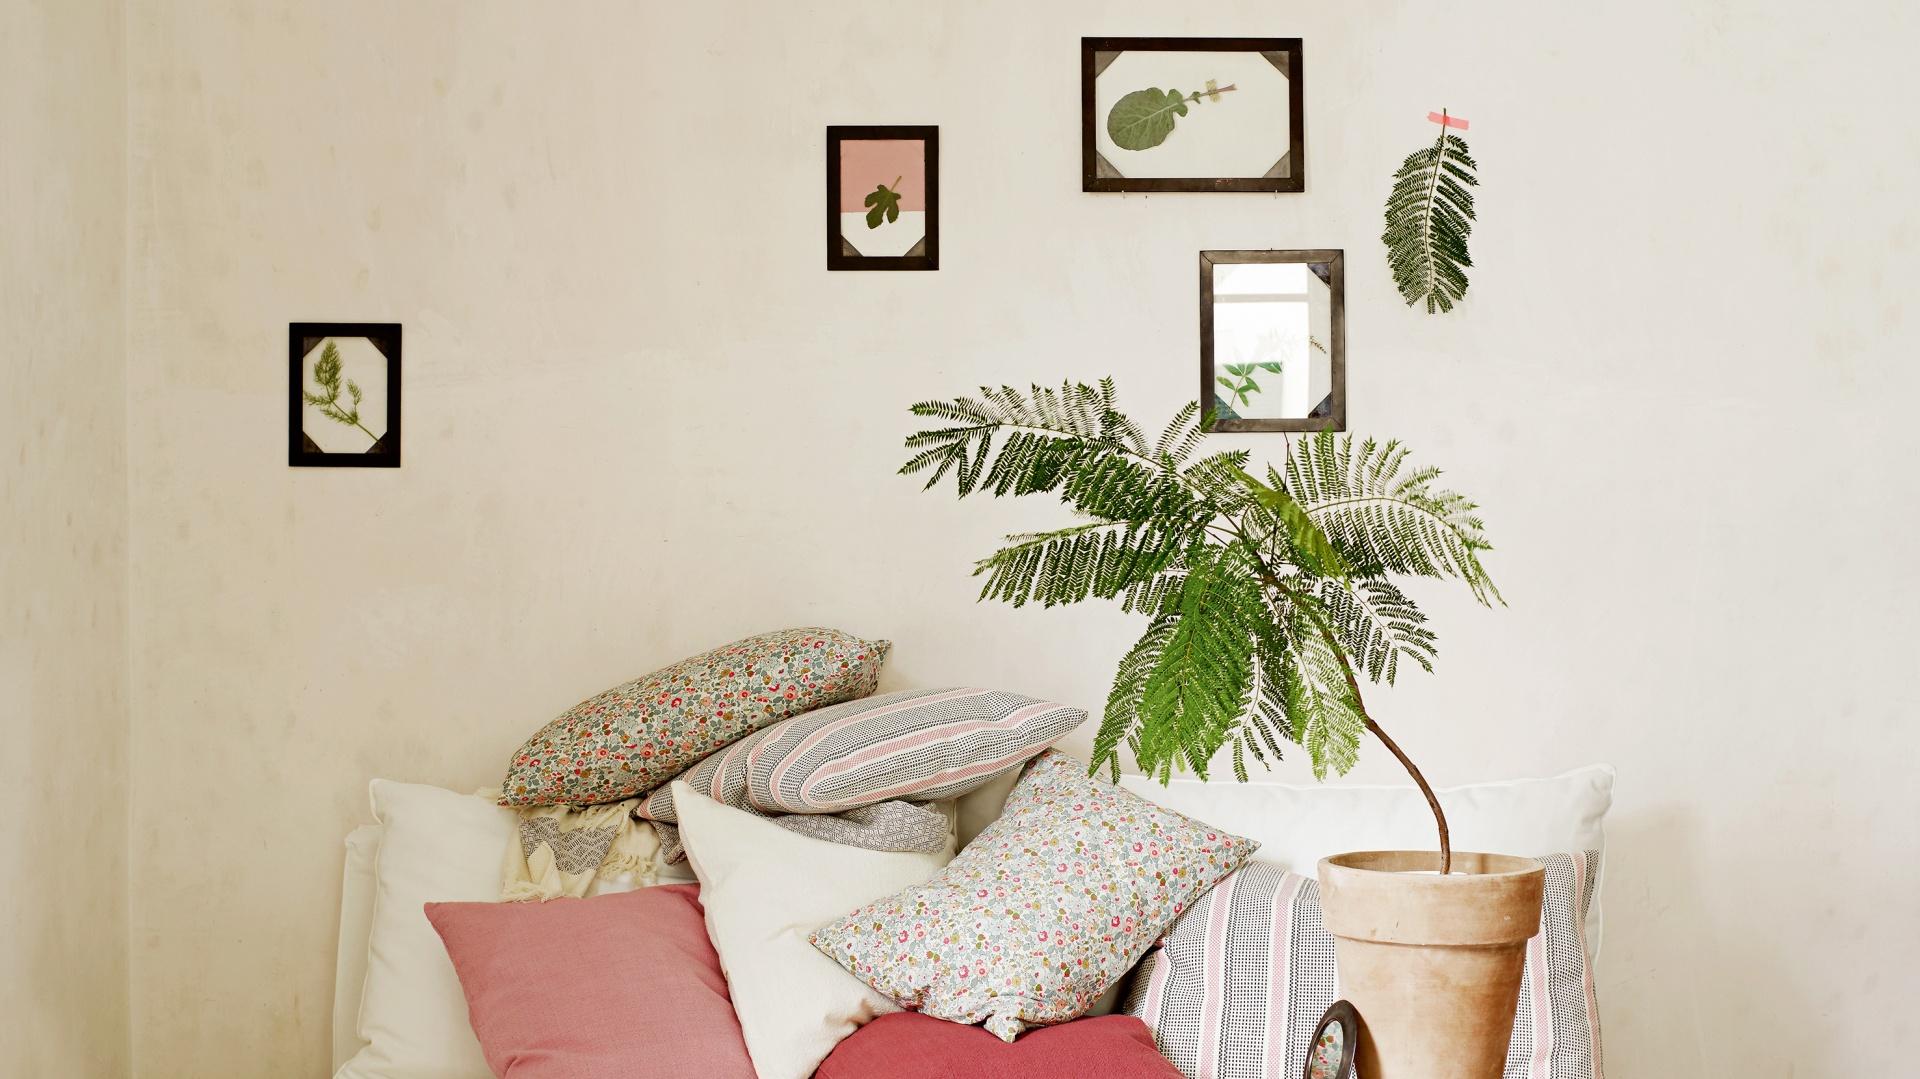 Najnowsza propozycja marki Tine K Home. Biel, szarości i naturalne rośliny - kwintesencja modnego wnętrza anno domini 2016.